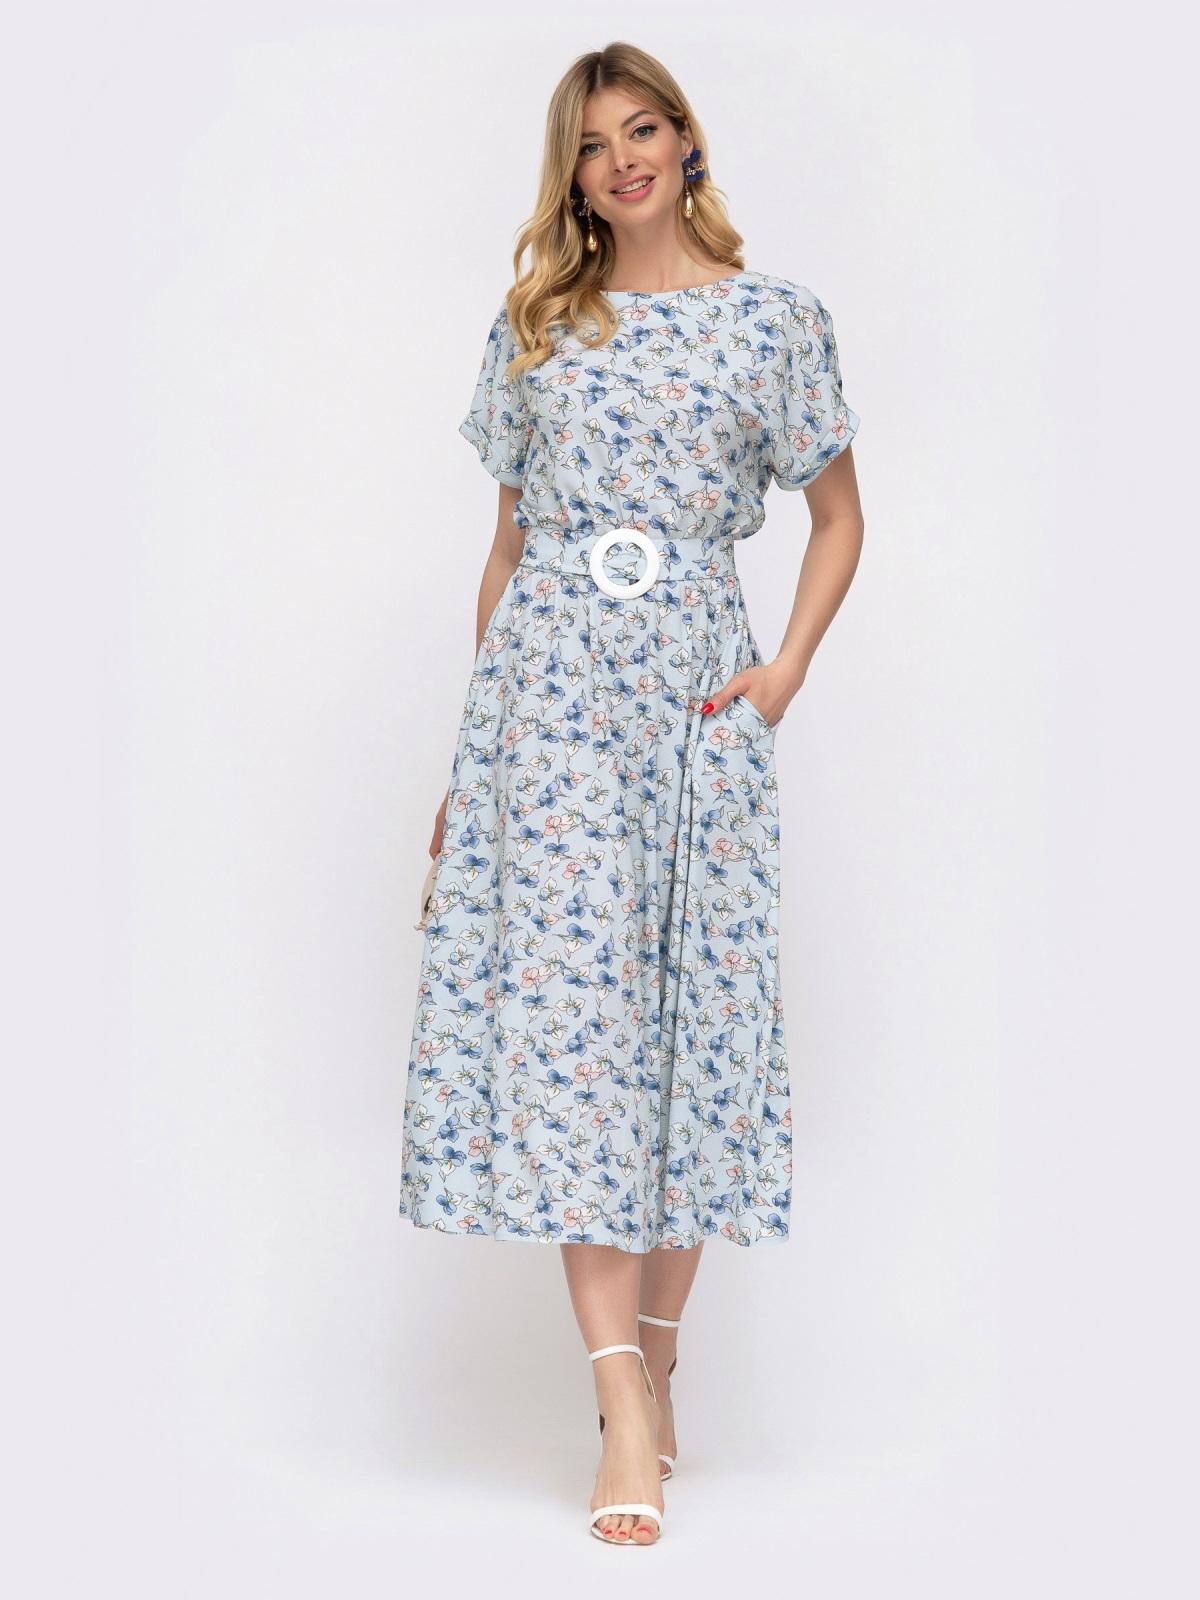 Расклешенное платье с принтом и напуском по талии голубое 48037, фото 1